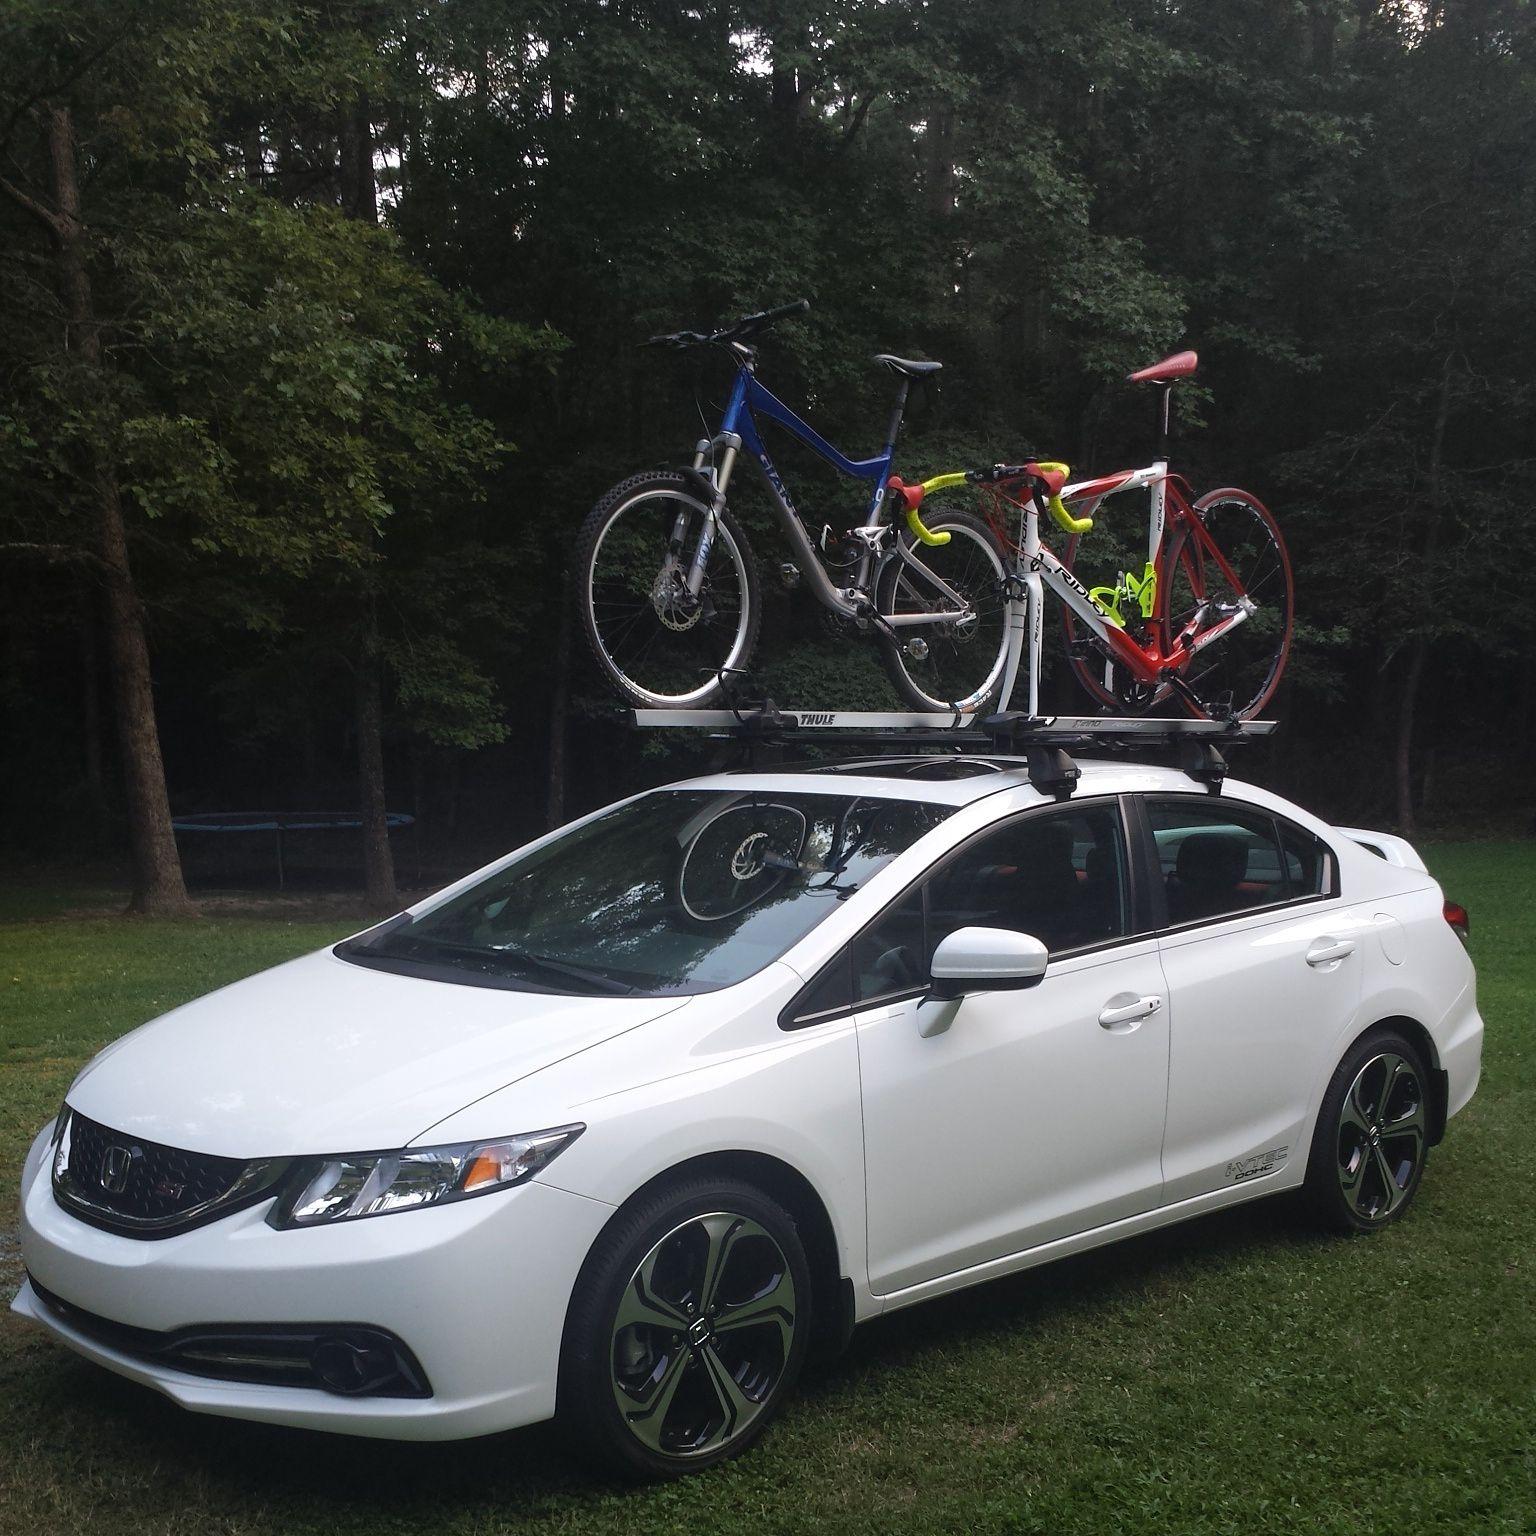 2014 Honda Civic Si With A Rhino Rack Roof Rack Thule Bike Racks And Sweet Bikes Complete Setup Here Honda Civic New Honda Bike Rack